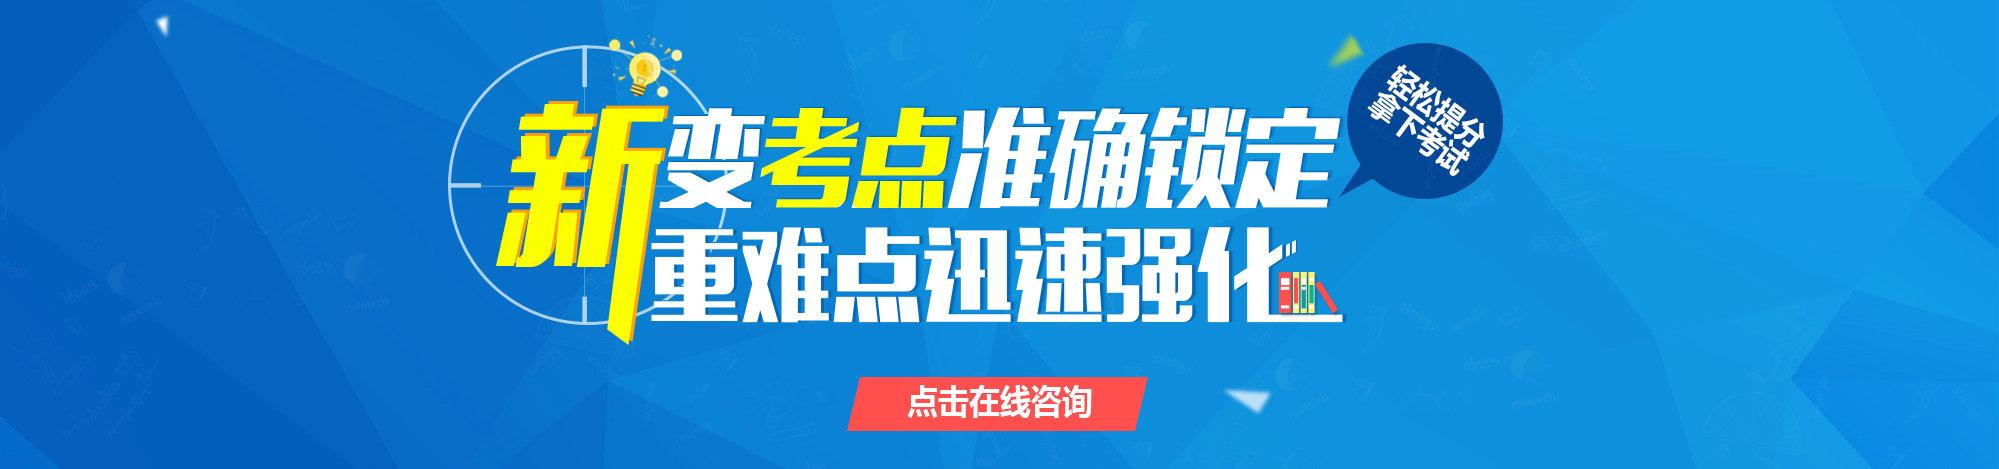 山东淄博优路教育培训学校